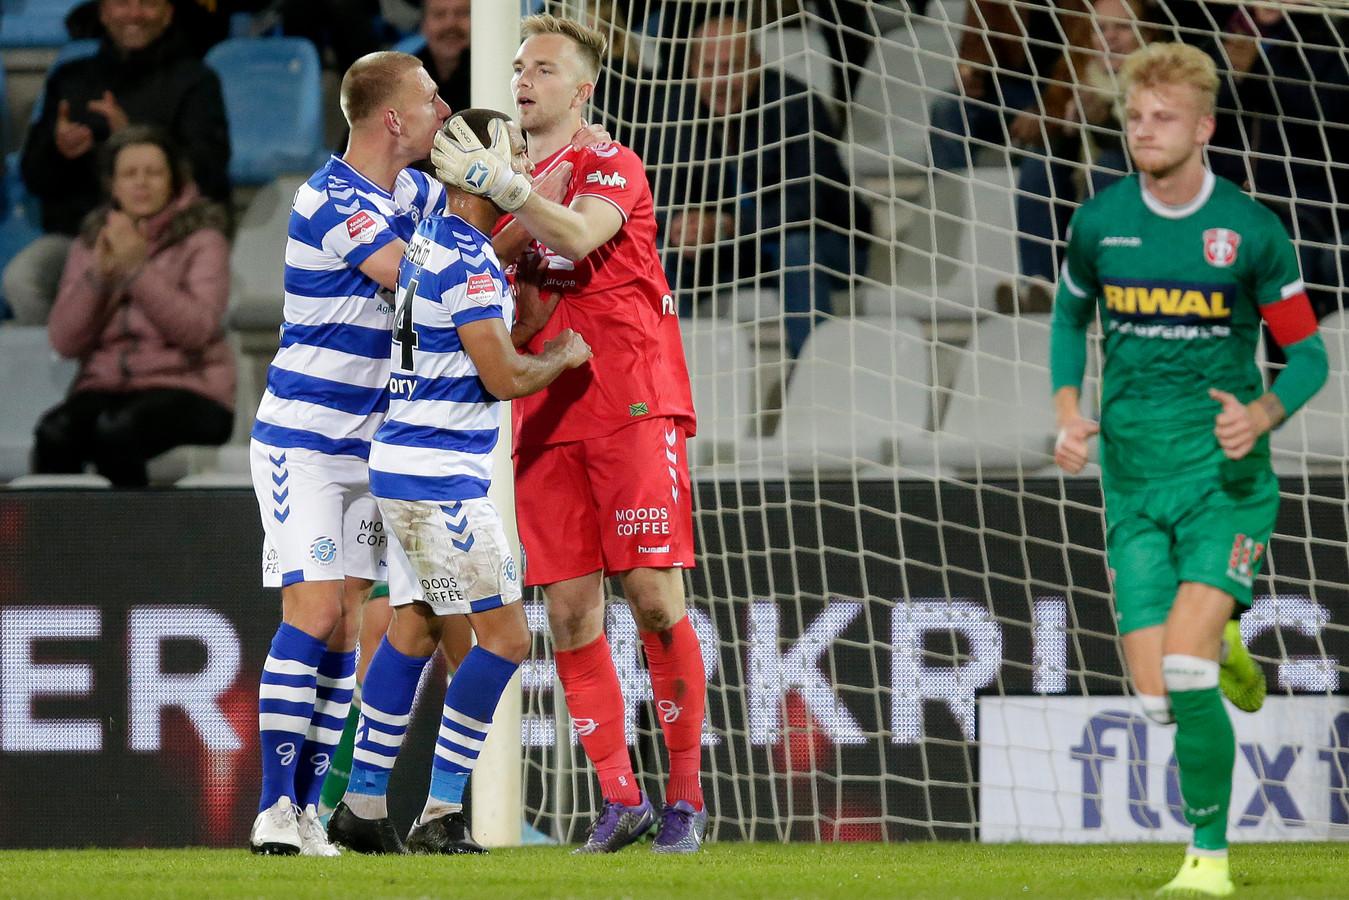 De Graafschap-doelman Hidde Jurjus wordt geknuffeld door zijn ploeggenoten, nadat hij een strafschop heeft gekeerd in het thuisduel met FC Dordrecht.